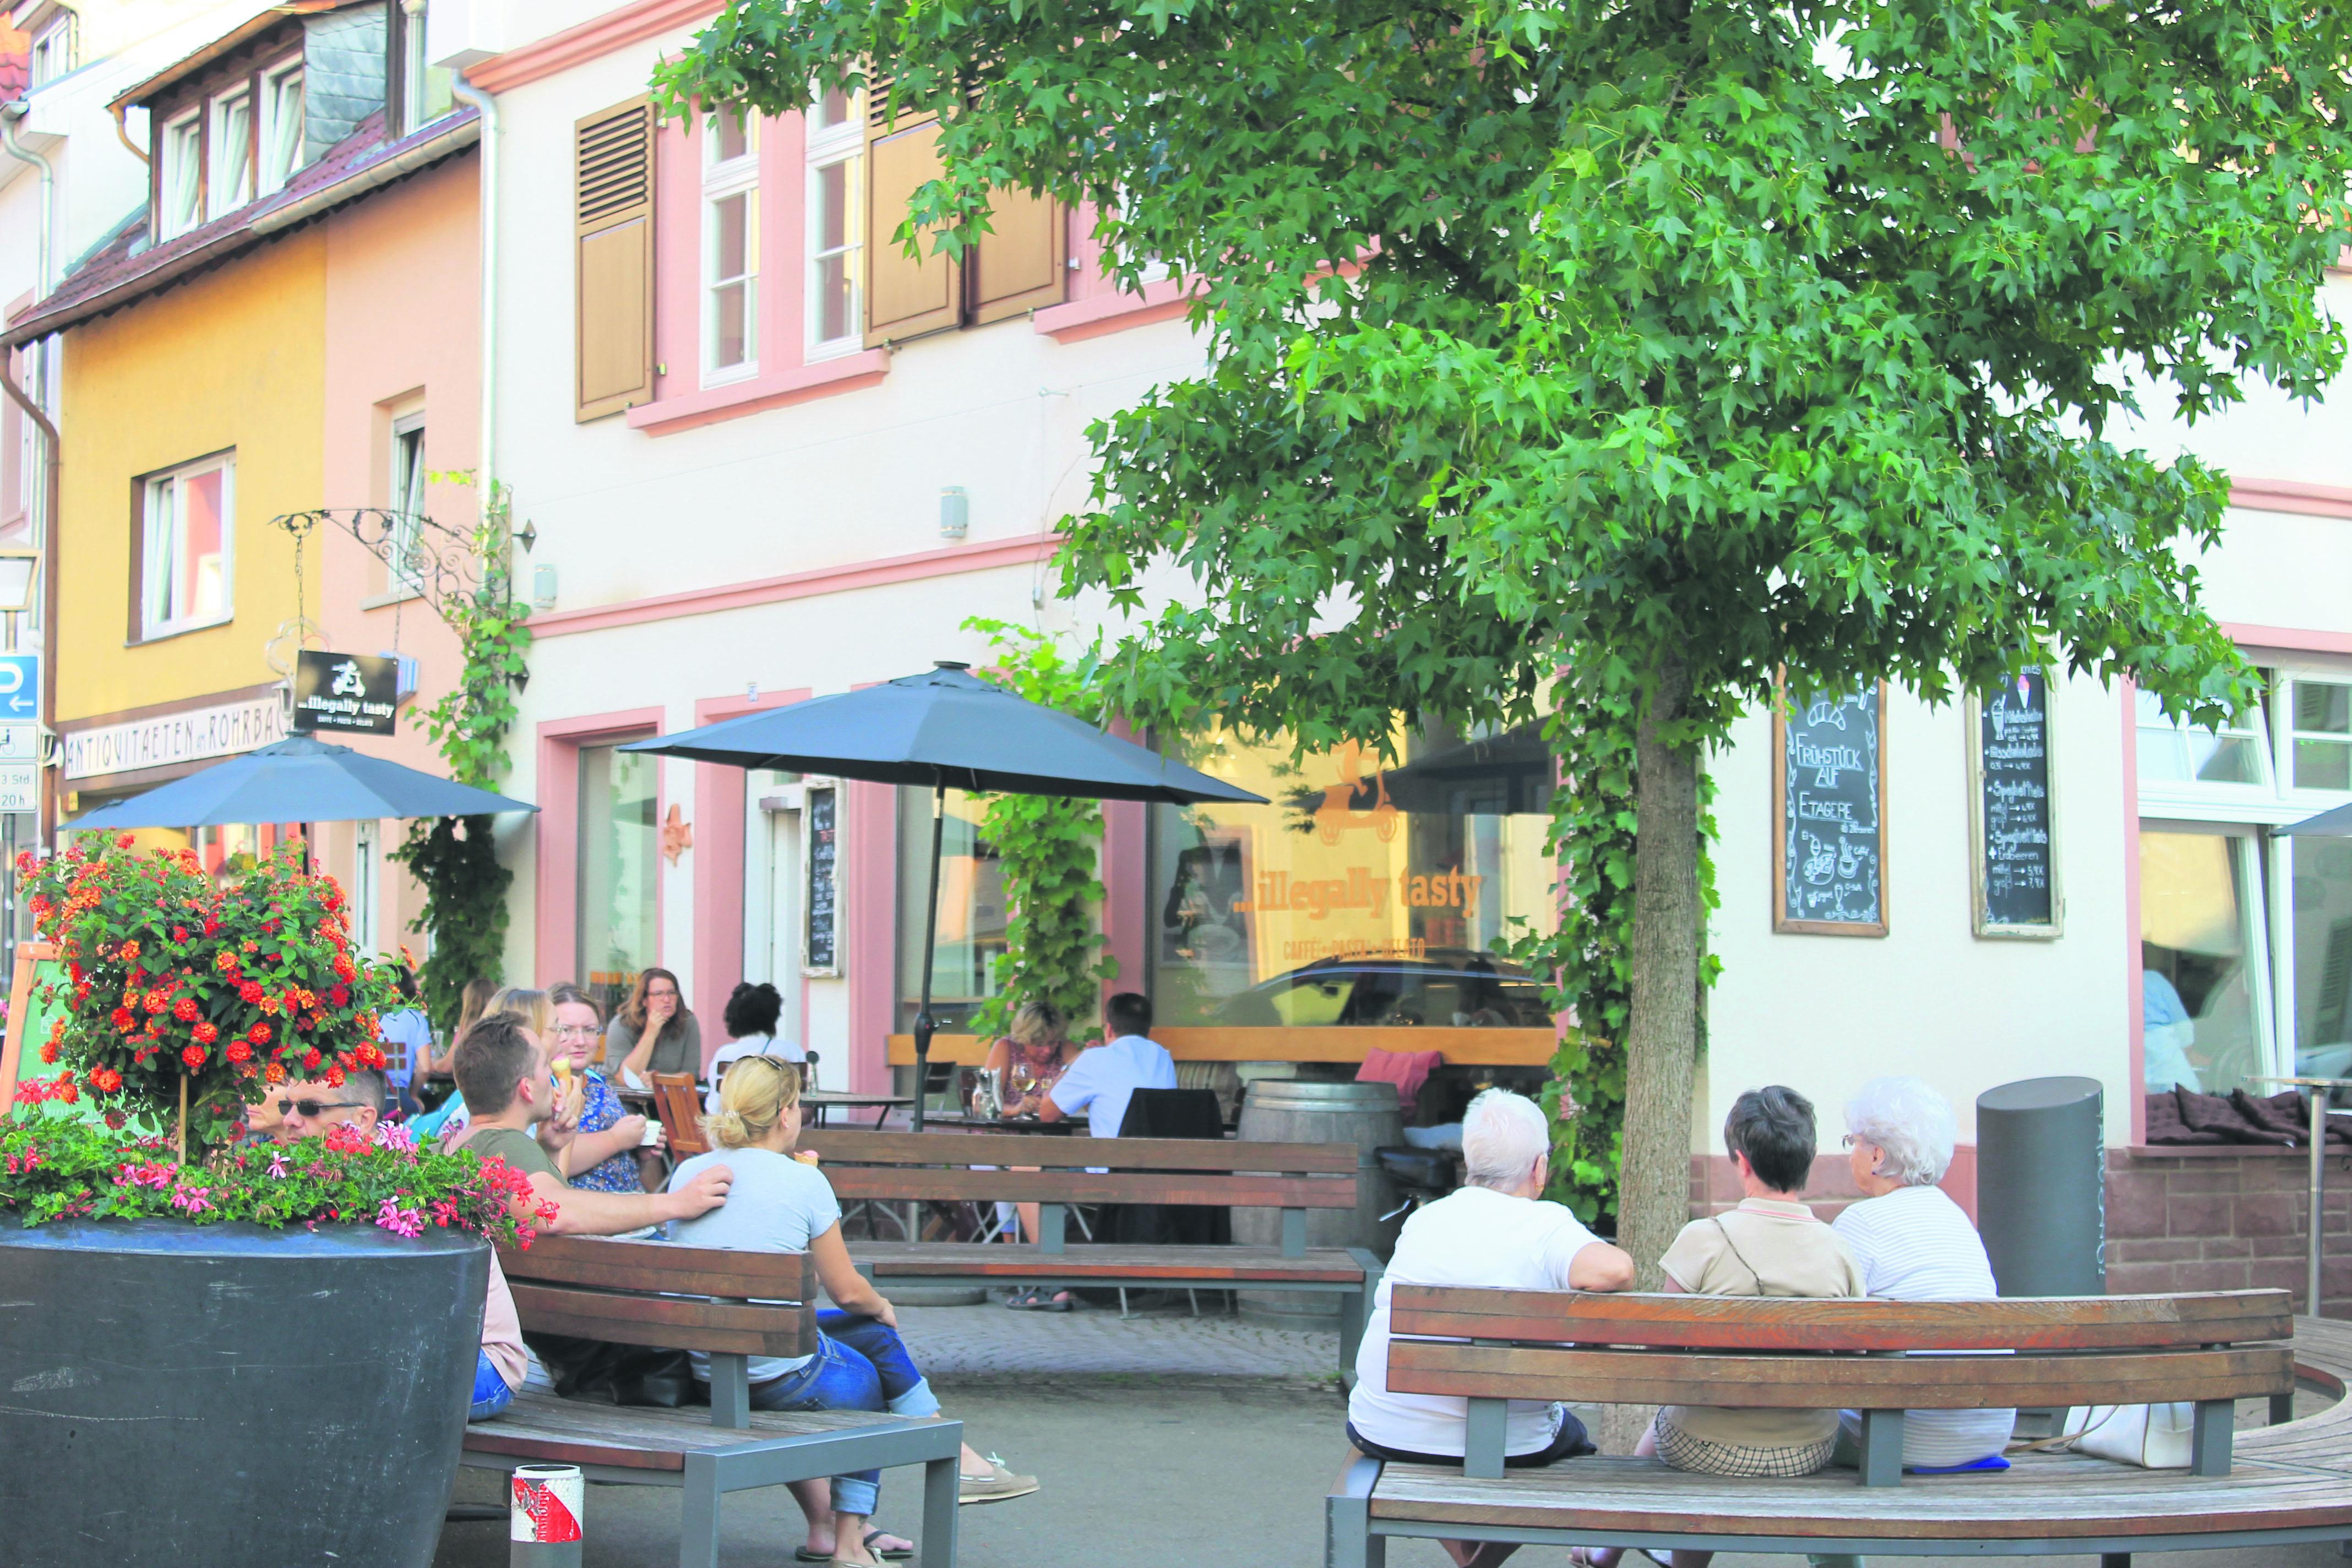 Bella italia mitten in Rohrbach: illegally tasty nutzt das romantische Flair. Foto: Maren Kaps